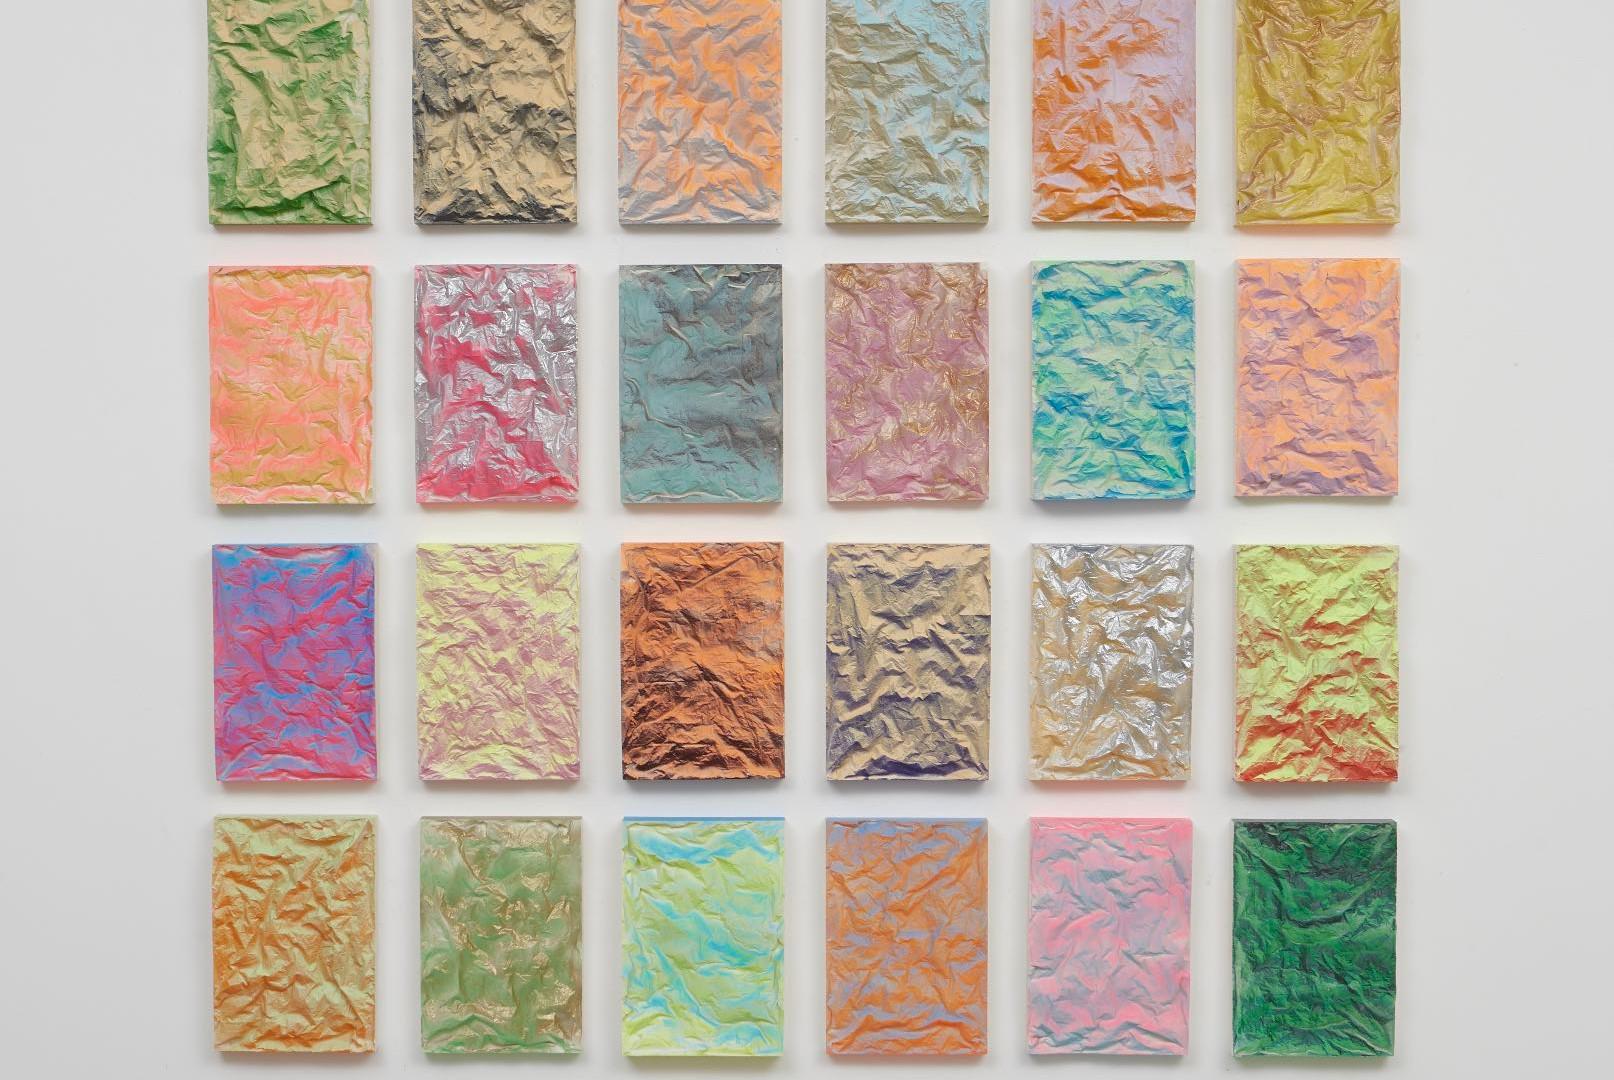 No.951 Folded Grid, 2019